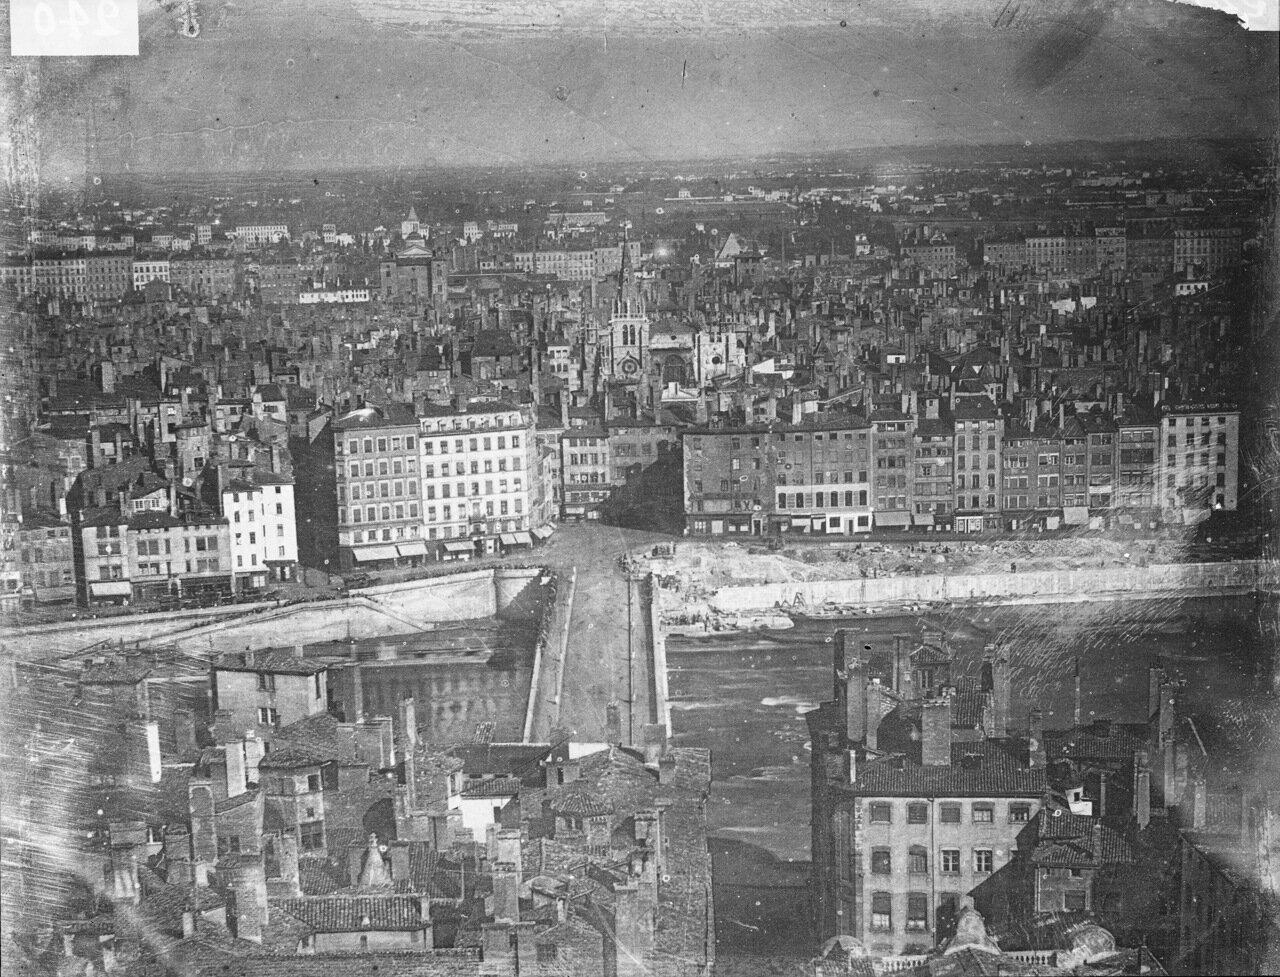 1870-е. Пон де Немур после сноса моста Пьера